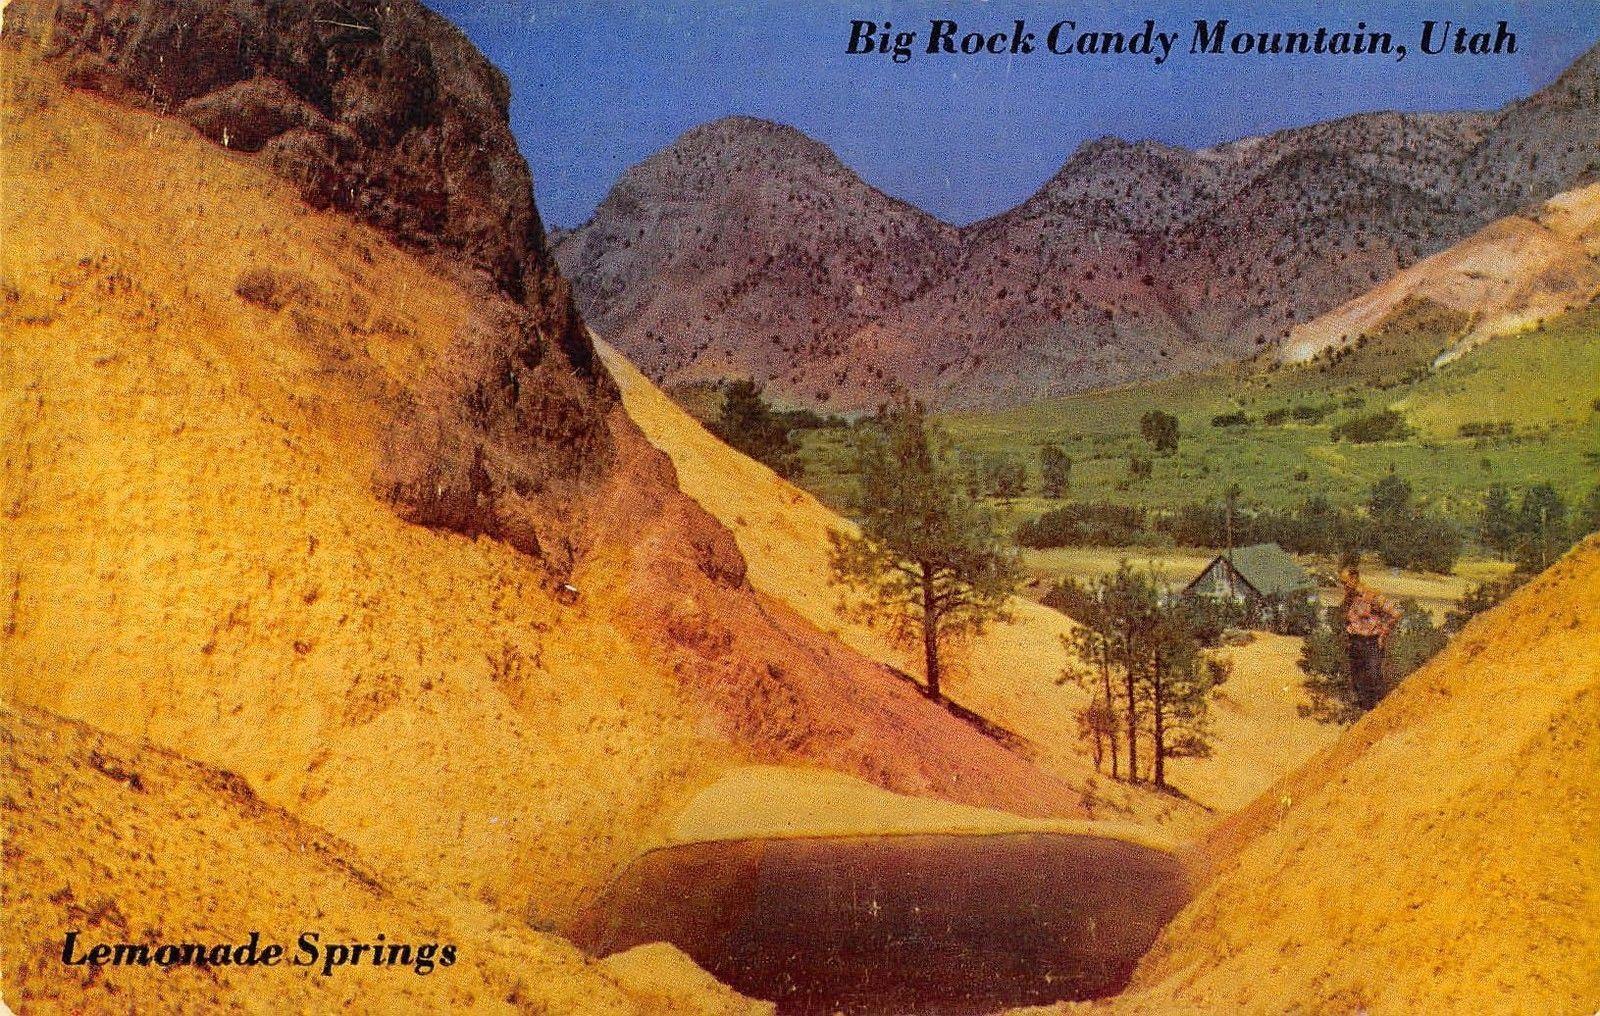 Big Rock Candy Mountain Utah View of Lemonade Springs | Utah ...